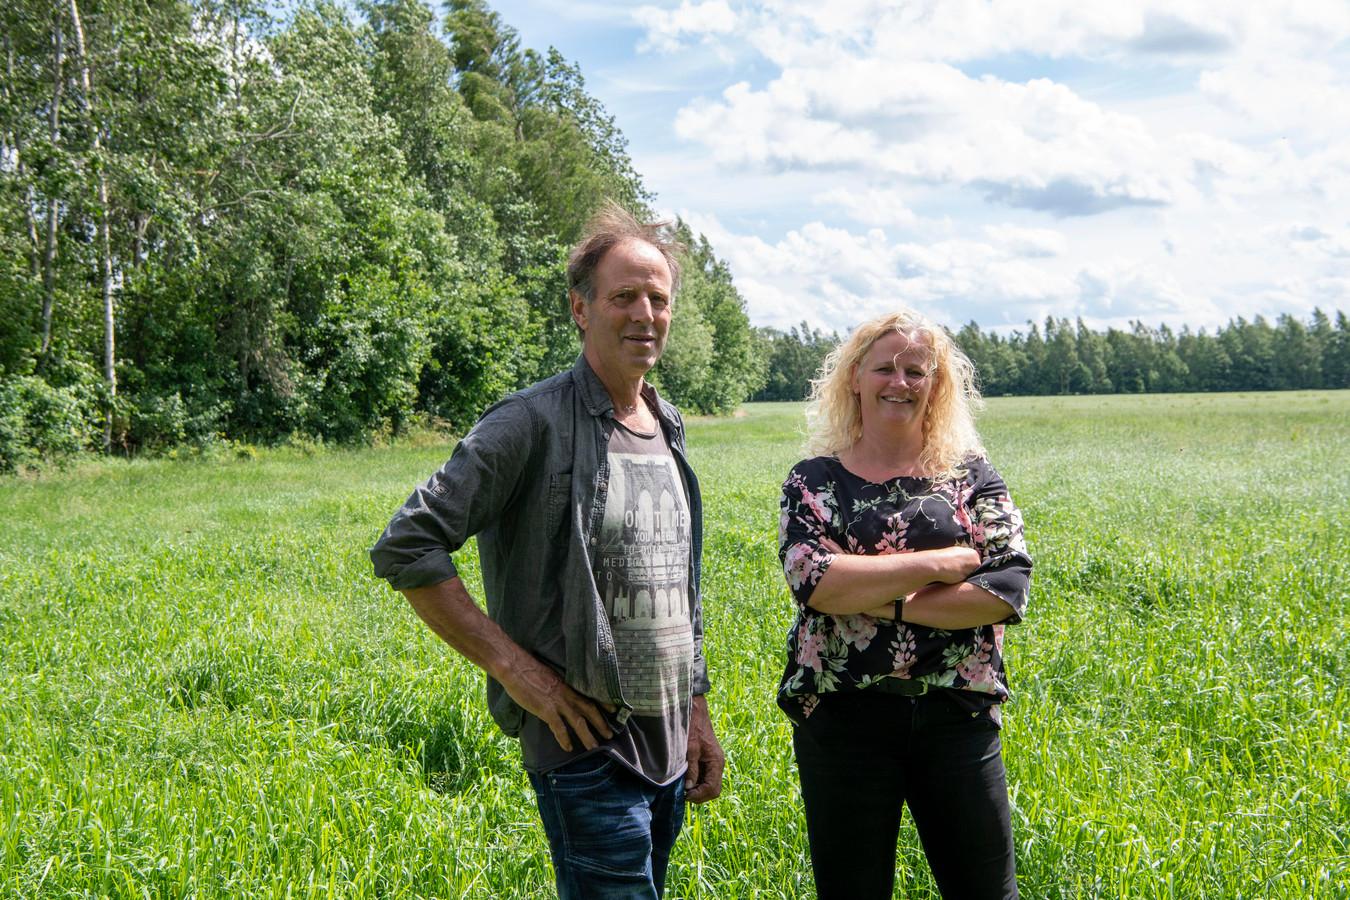 Jan Poppe met zijn vrouw Ingrid op het perceel waar de zonnepanelen moeten komen. FFU PRESS AGENCY COPYRIGHT FRANK UIJLENBROEK